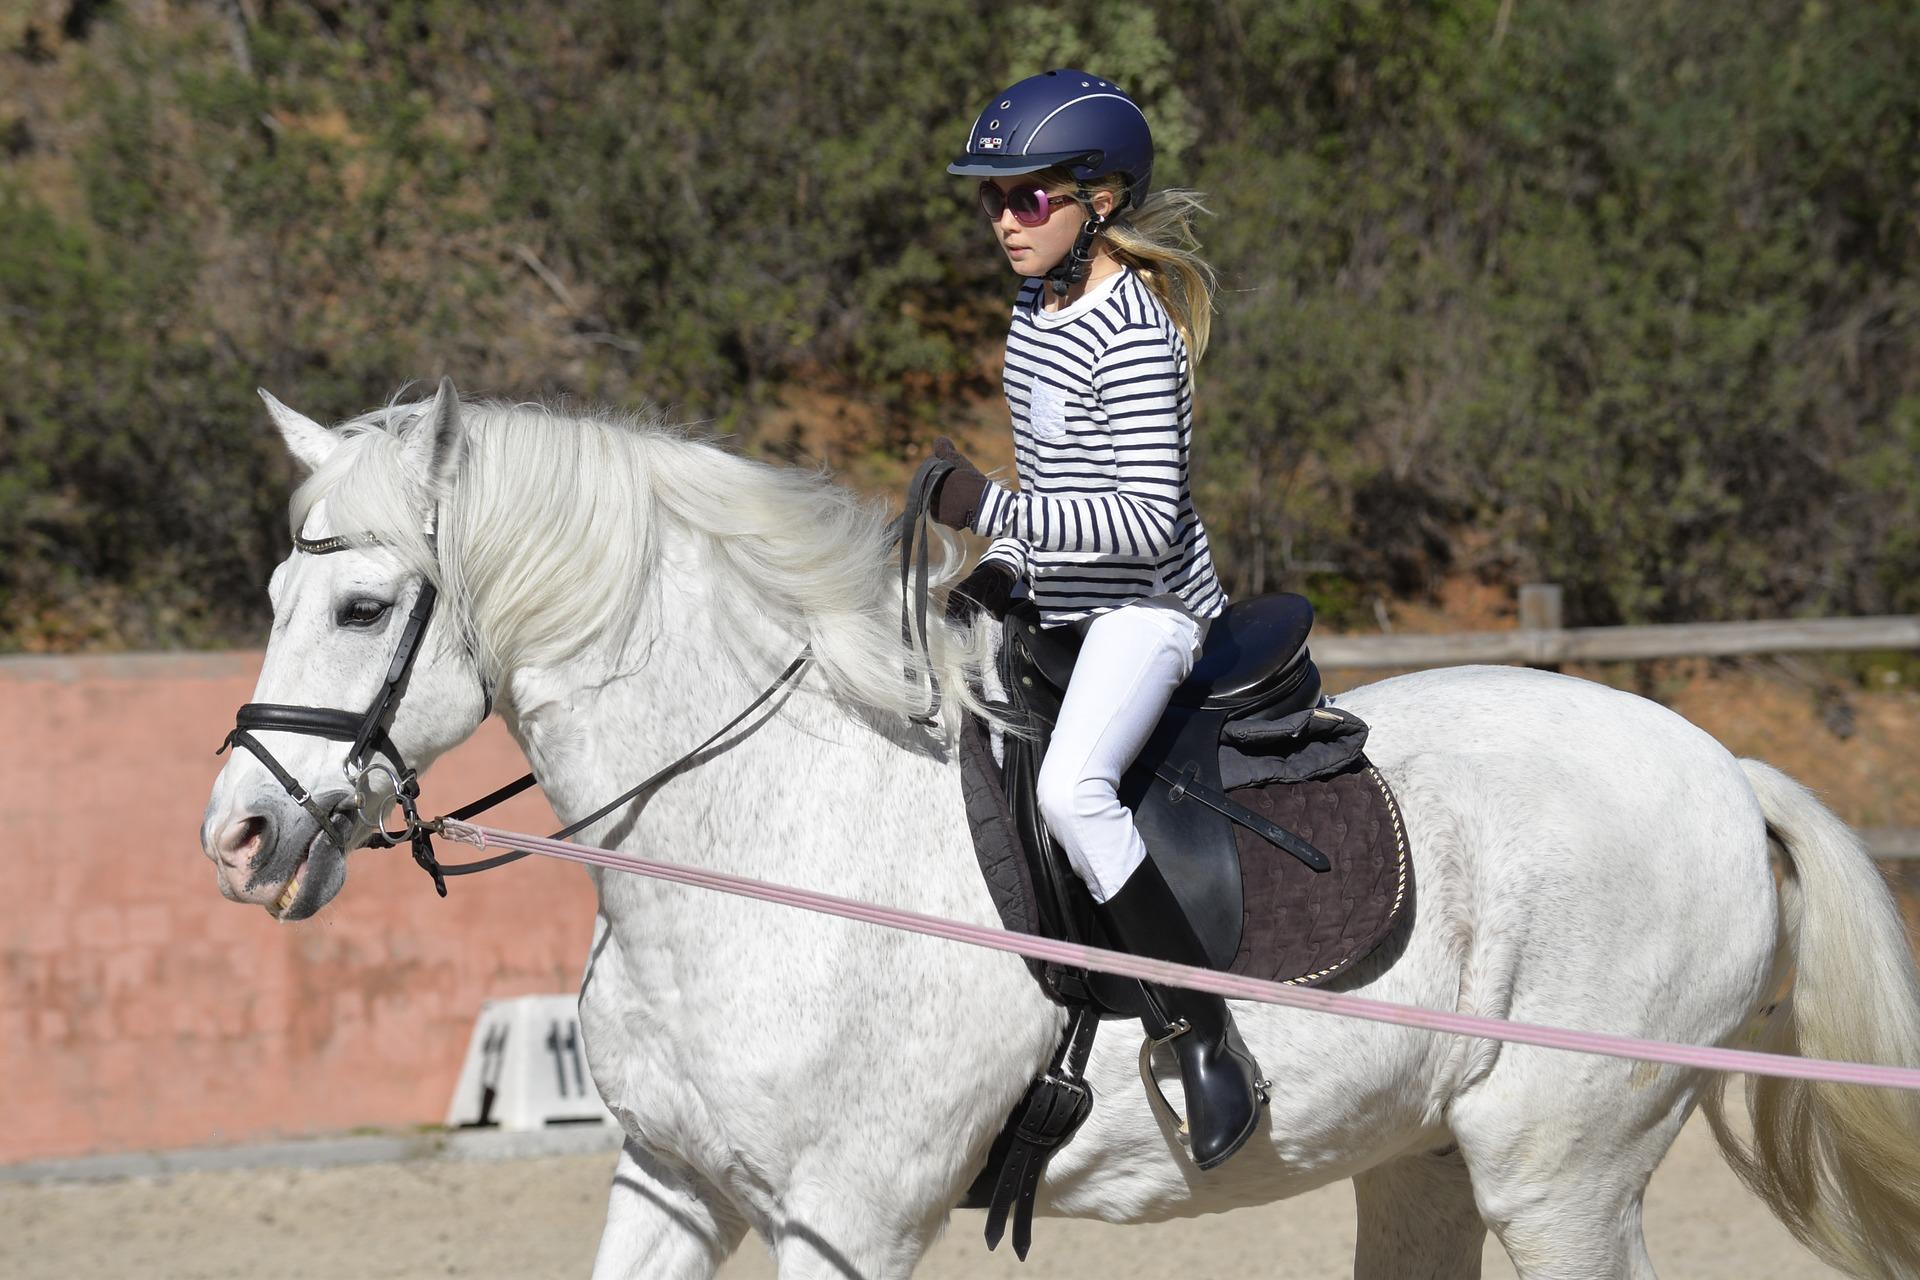 Reiten ist für viele der schönste Sport der Welt. Der Wunsch ein eigenes Pferd zu haben, ist vor allem bei den jungen Reitern weit verbreitet. Eine Reitbeteiligung kann eine finanzierbare Alternative sein.